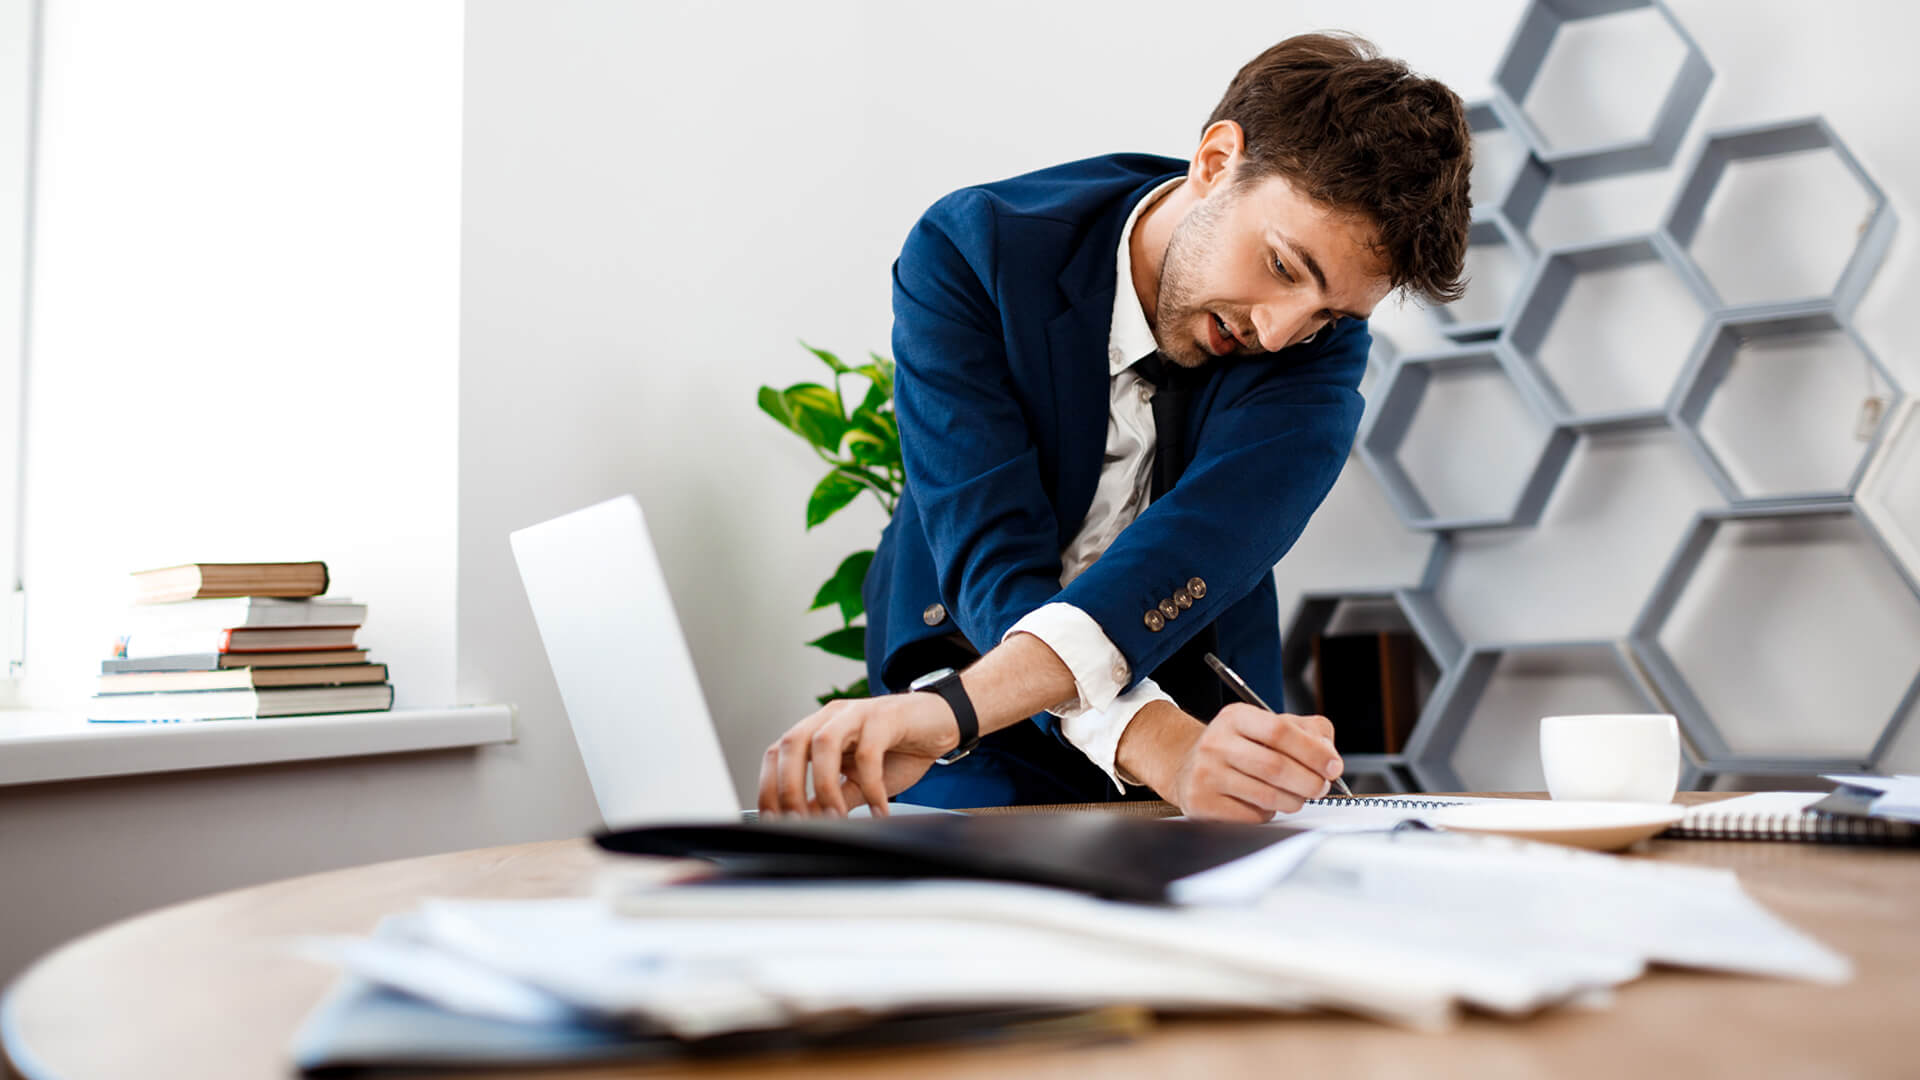 Si realizas algún cambio en tu negocio, debes actualizar dicha información en tu ficha de negocios de Google My Business